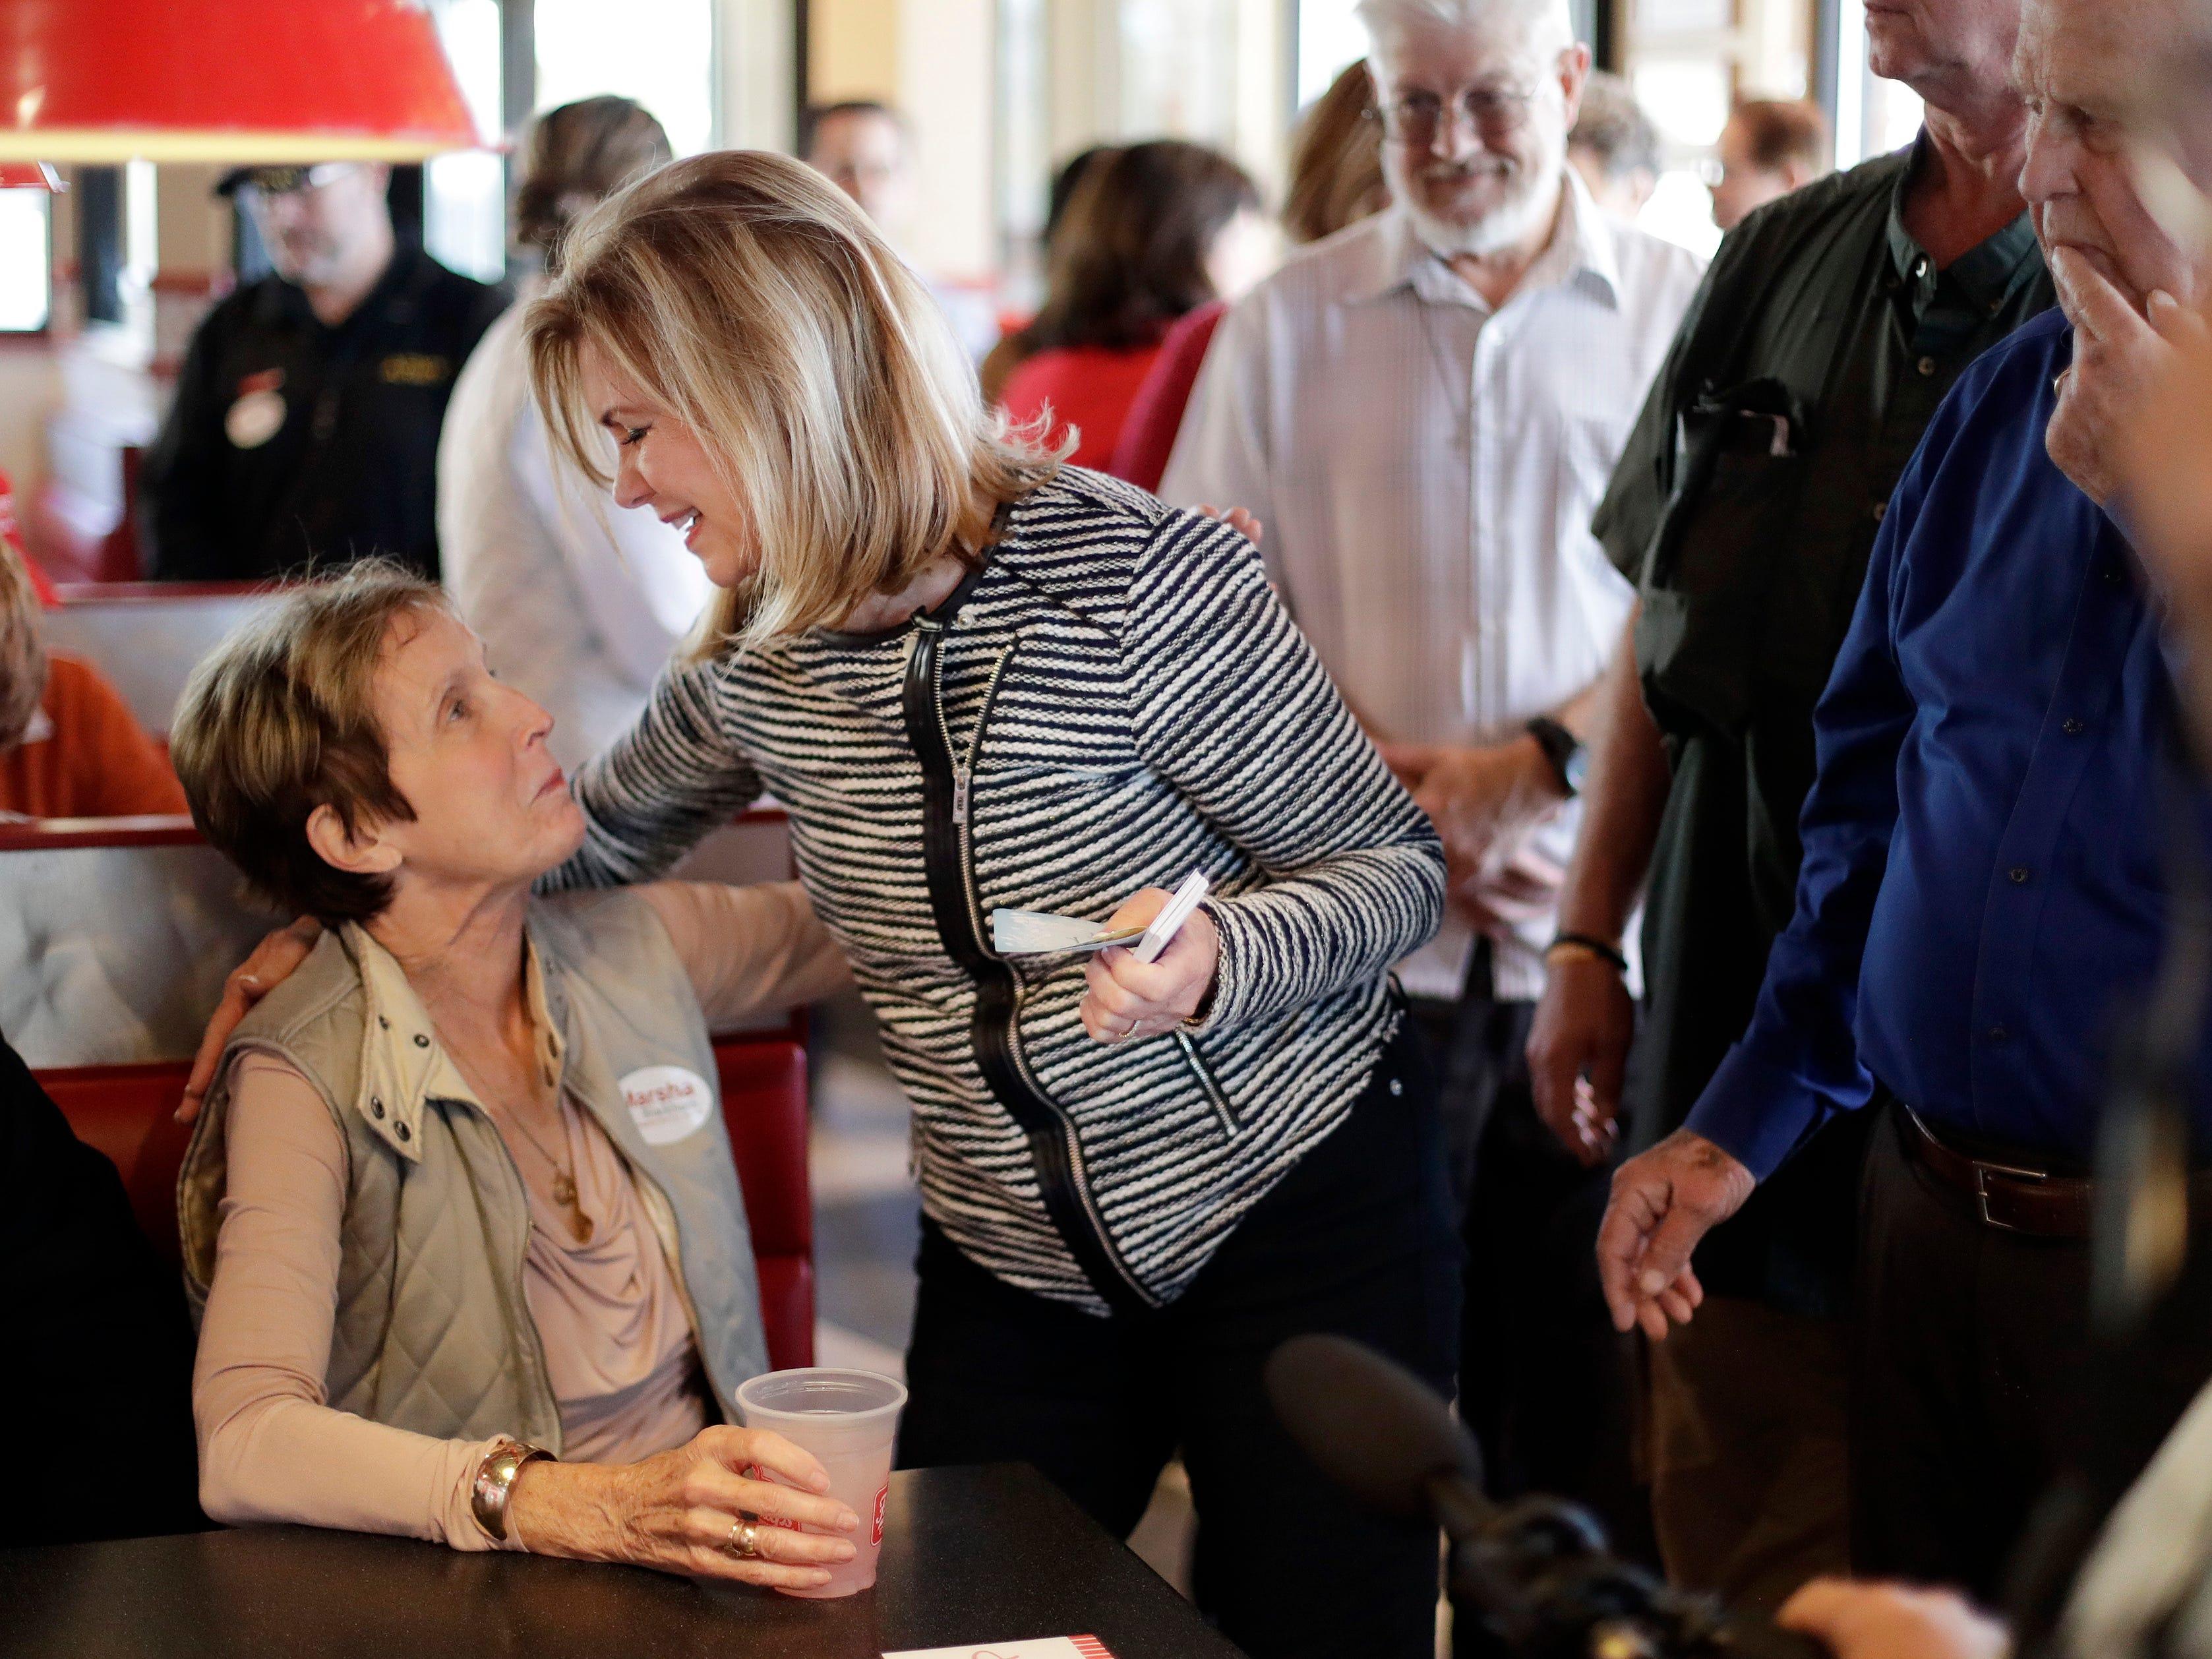 Rep. Marsha Blackburn, R-Tenn., center, campaigns at Freddy's Frozen Custard & Steakburgers, Tuesday, Nov. 6, 2018, in Clarksville, Tenn. Blackburn is running against former Gov. Phil Bredesen for the U.S. Senate.